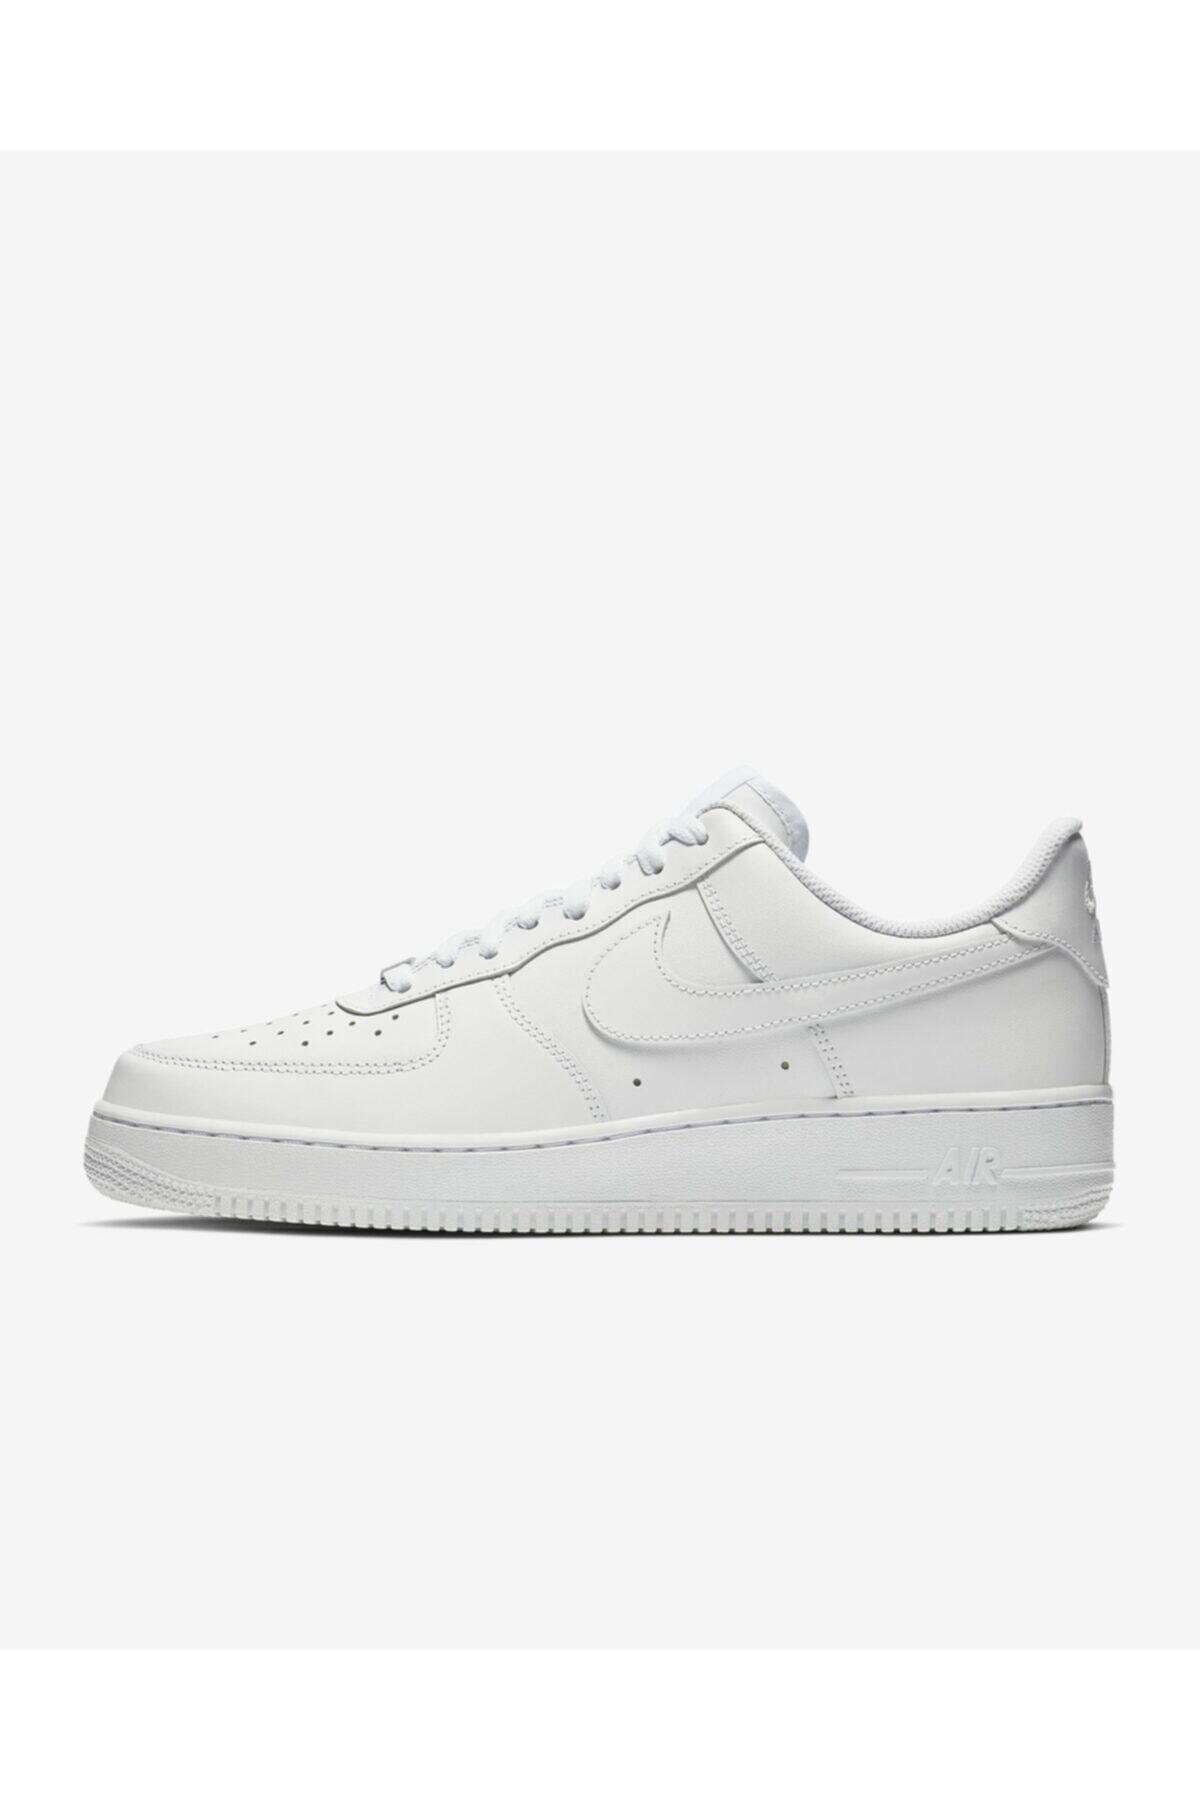 Nike Air Force 1 '07 Erkek Ayakkabısı 315122 111 2